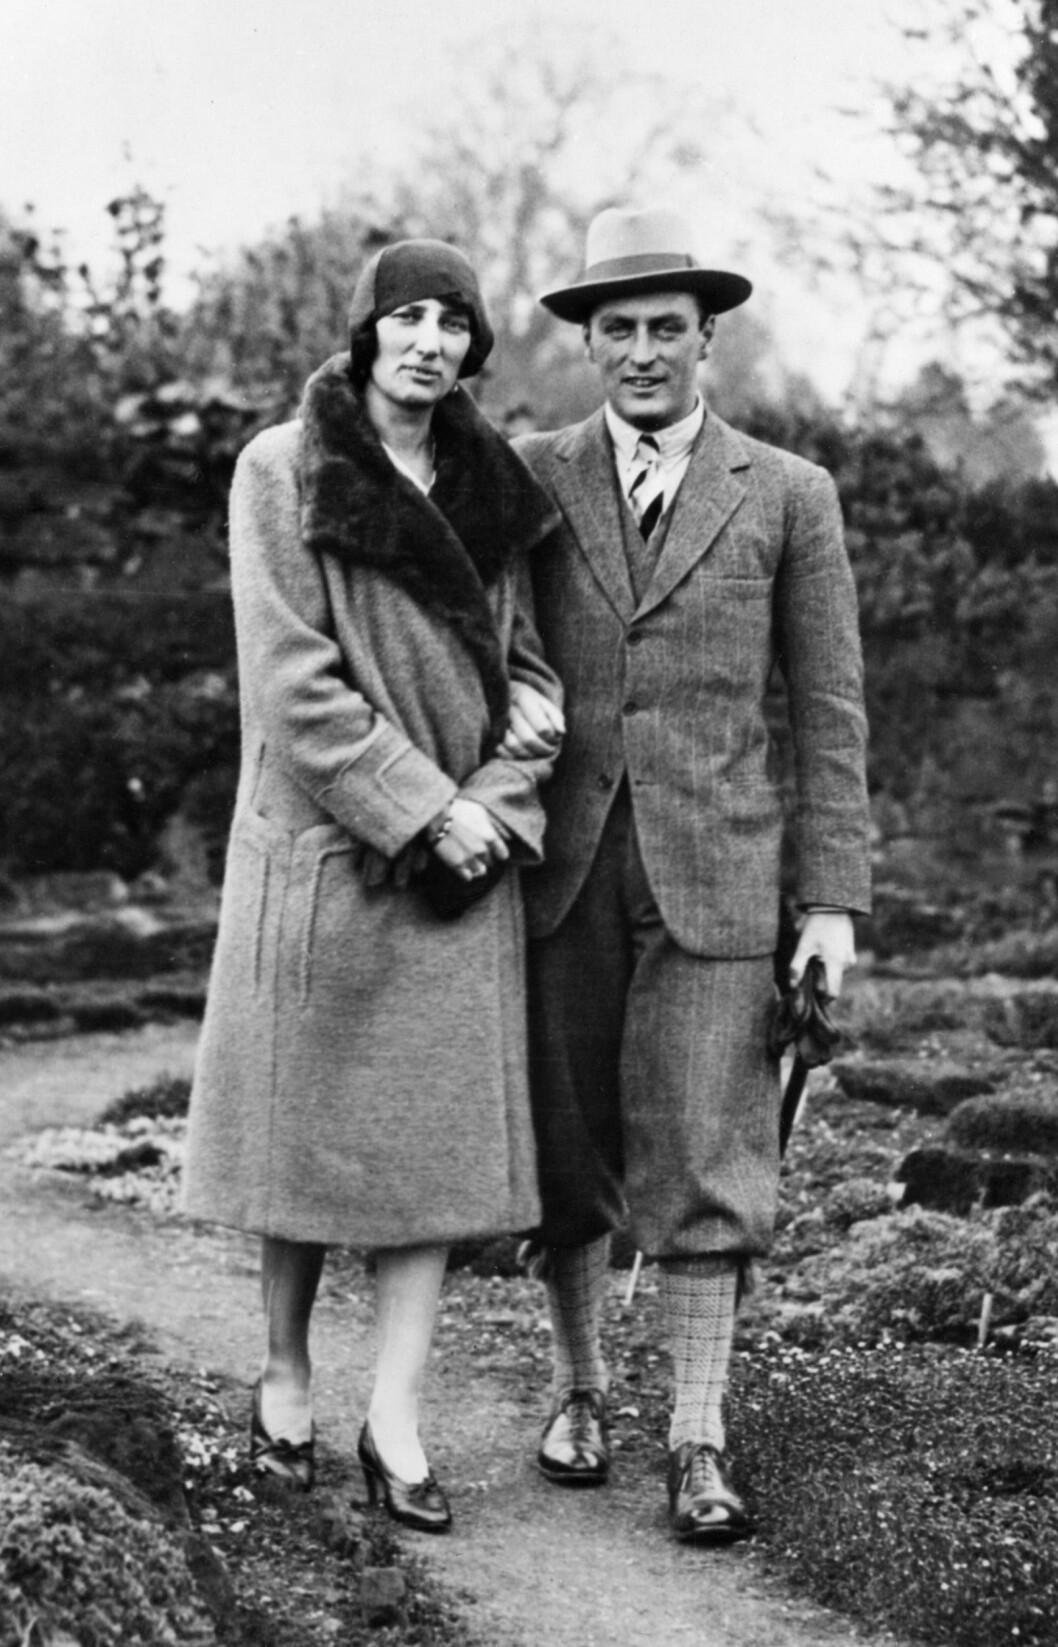 NYFORLOVET: Kronprins Olav på spasertur sammen med sin forlovede, prinsesse Märtha, kort tid etter at forlovelsen ble kjent for folket i 1929. Foto: NTB Scanpix